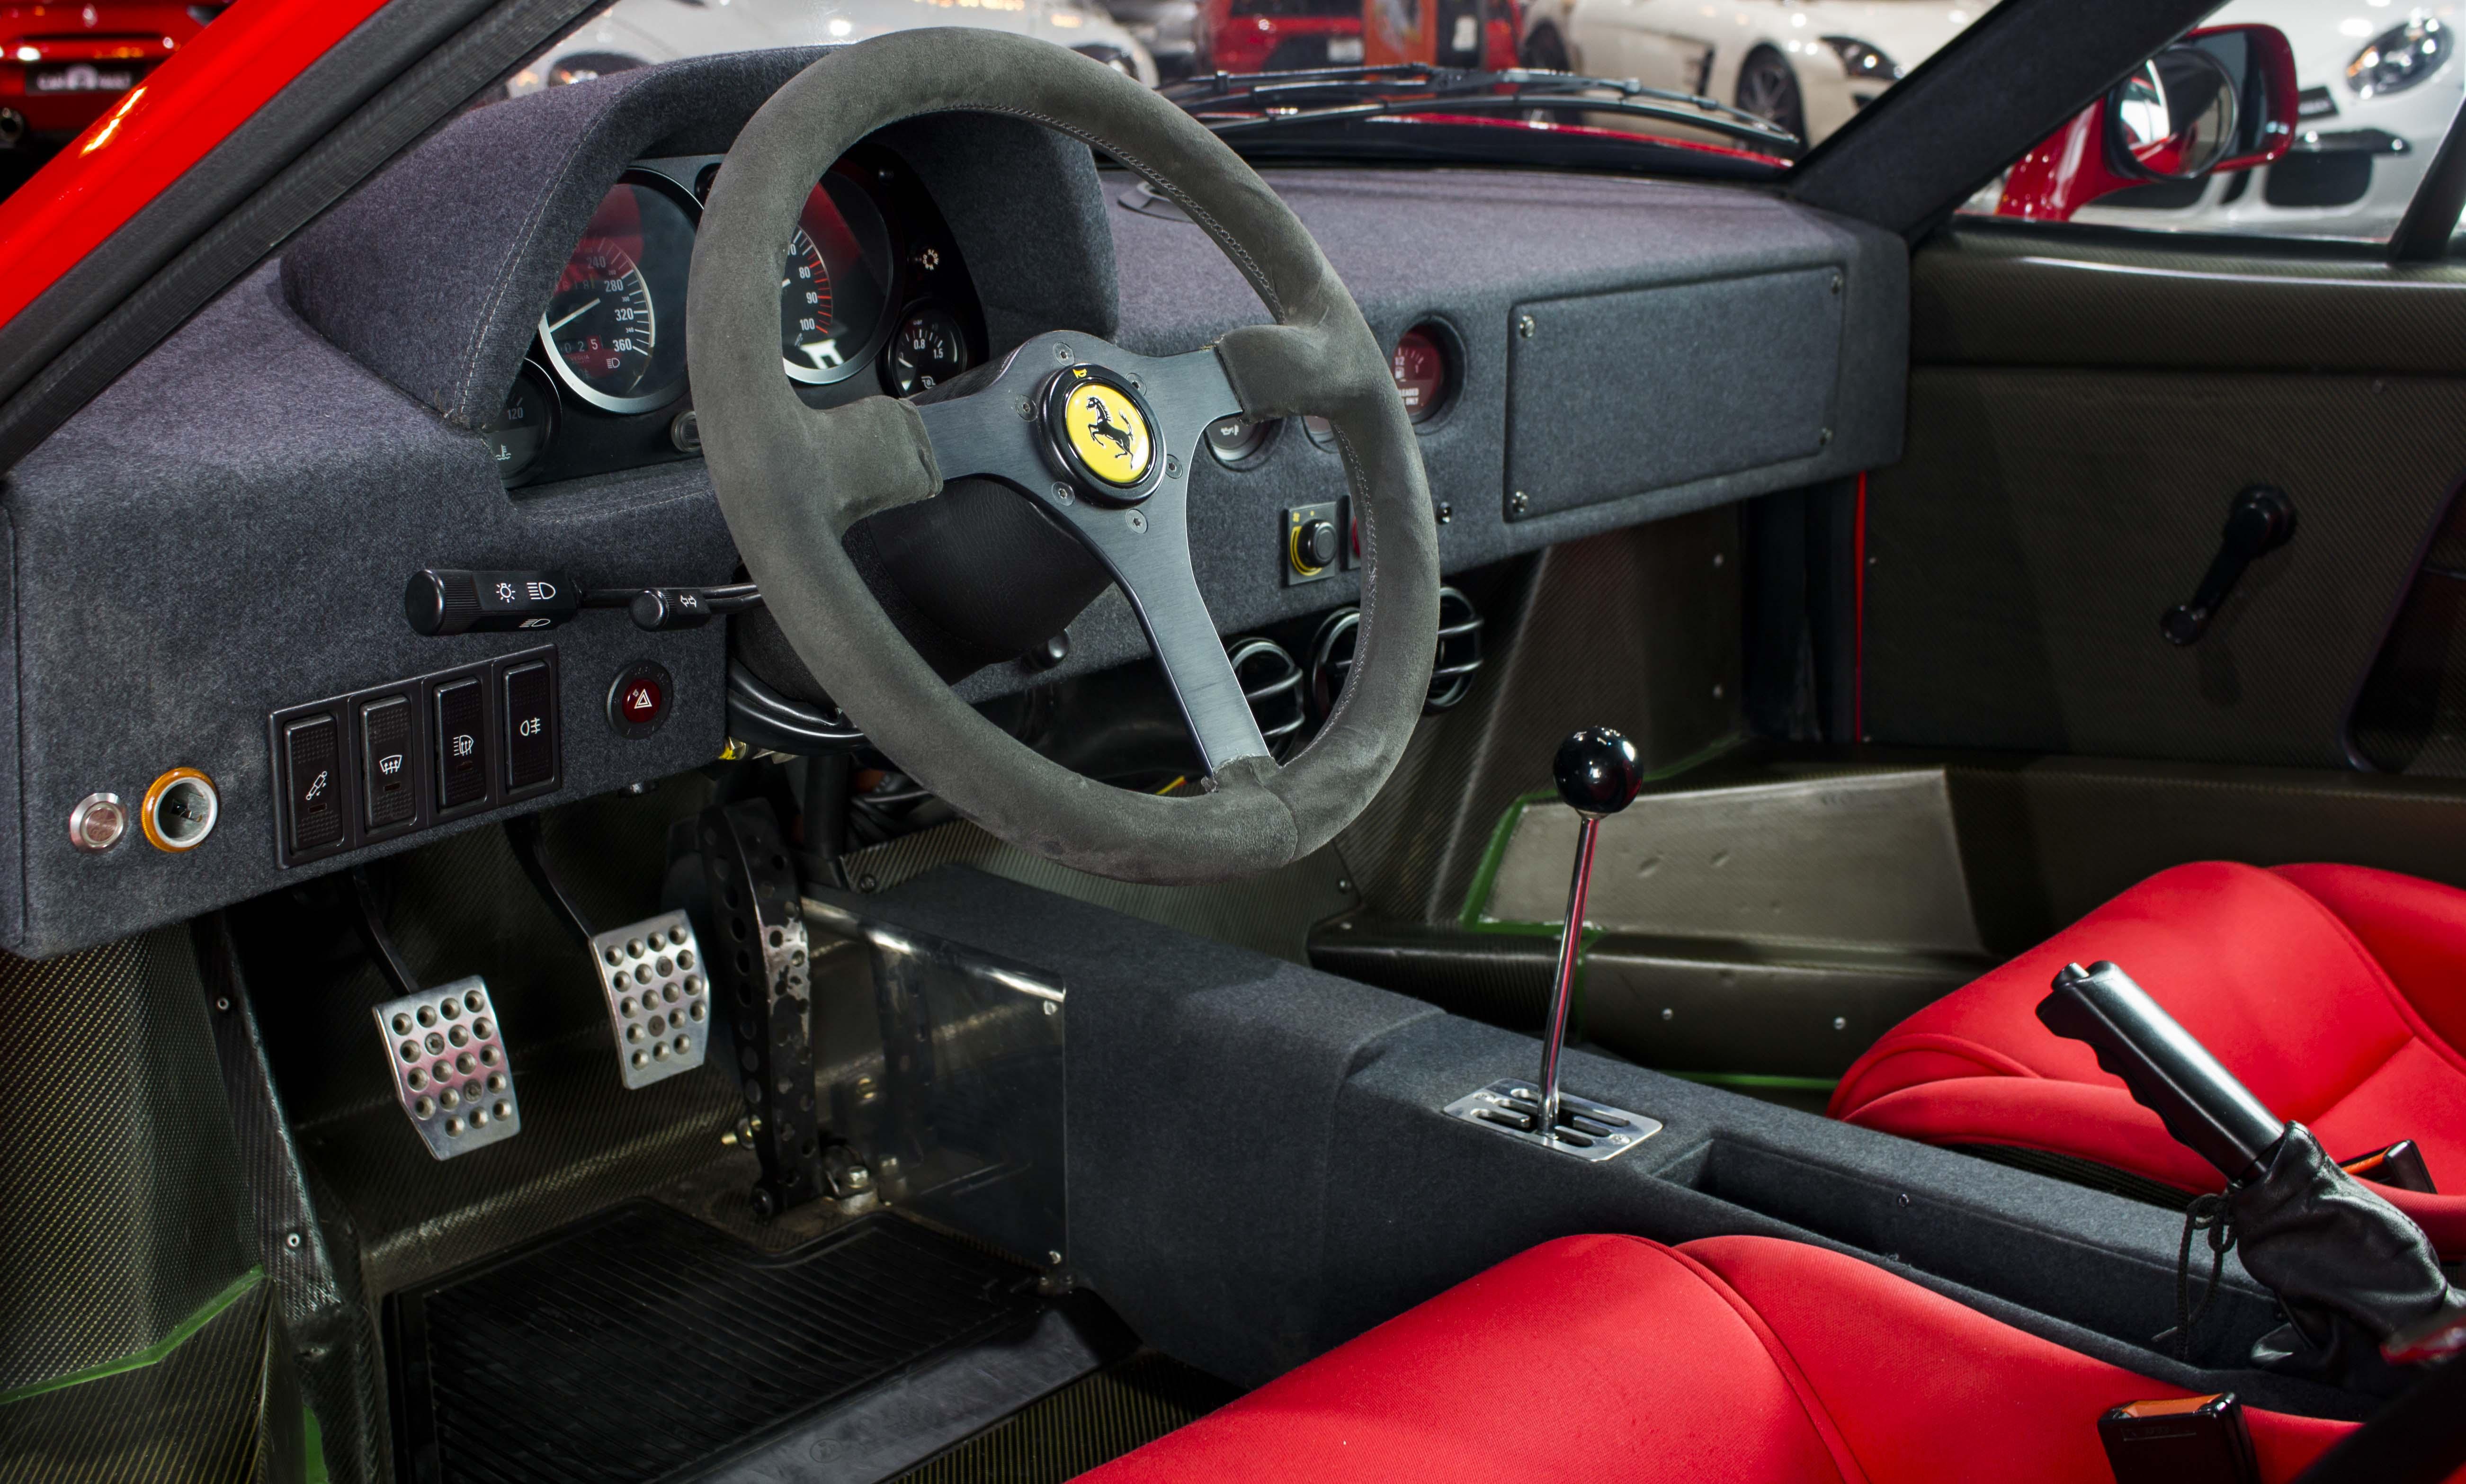 1991 Ferrari F40 For Sale In Dubai | Supercar Report